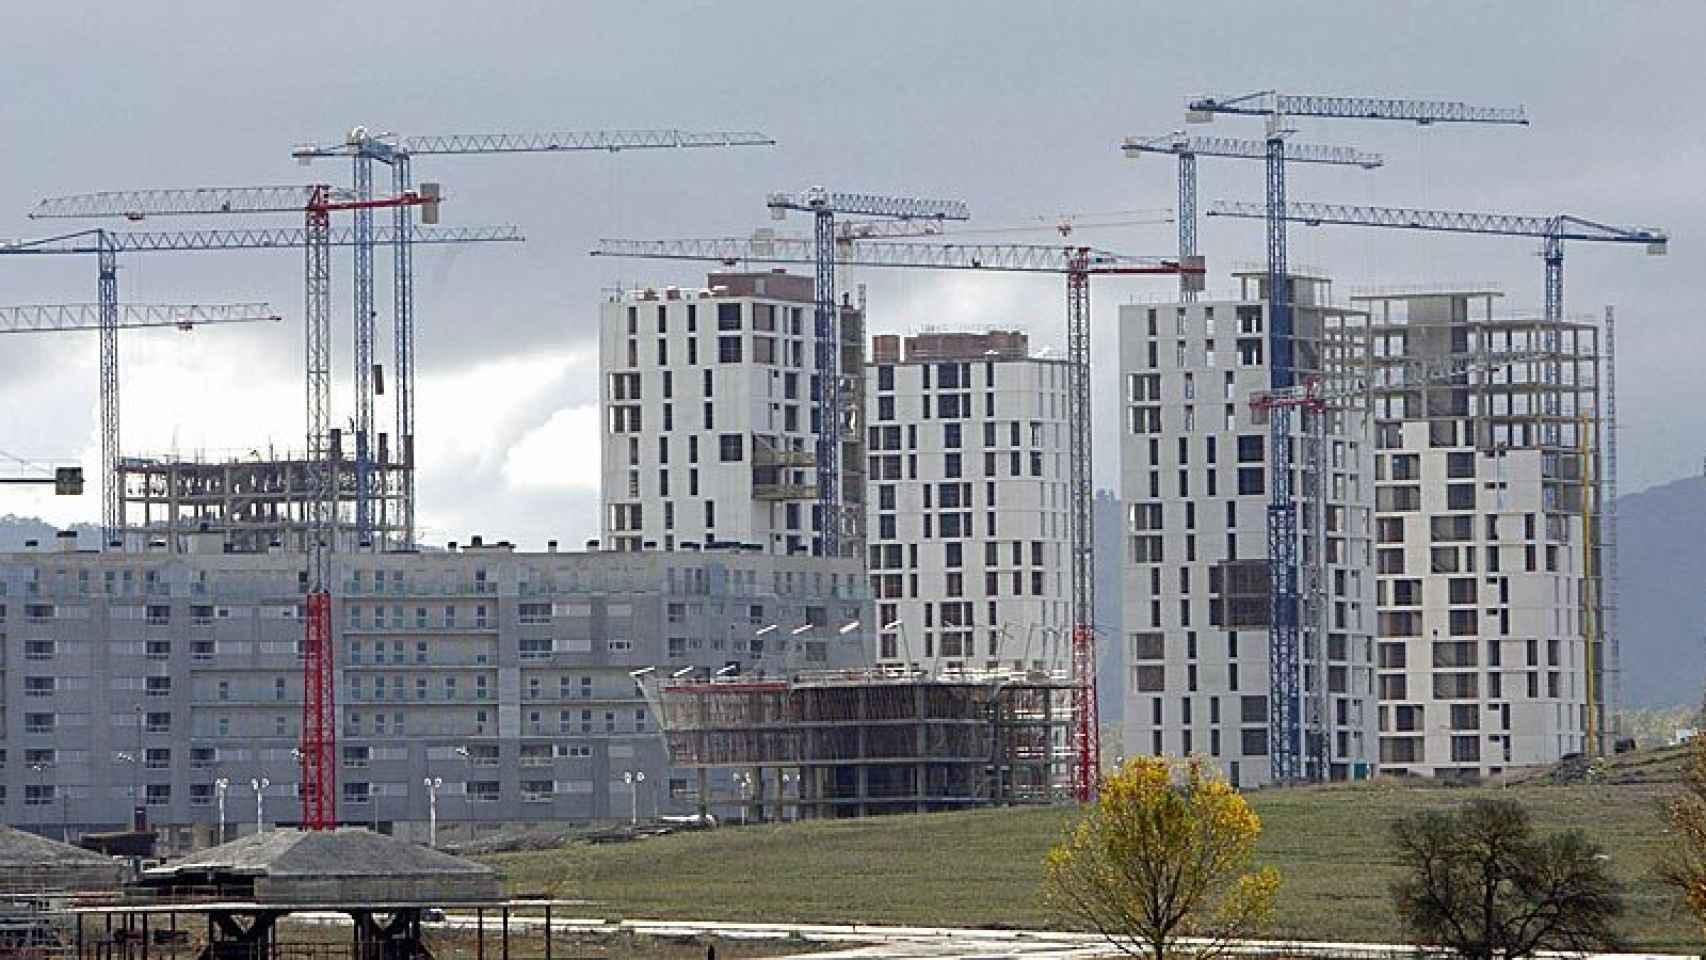 Imagen de viviendas en construcción.